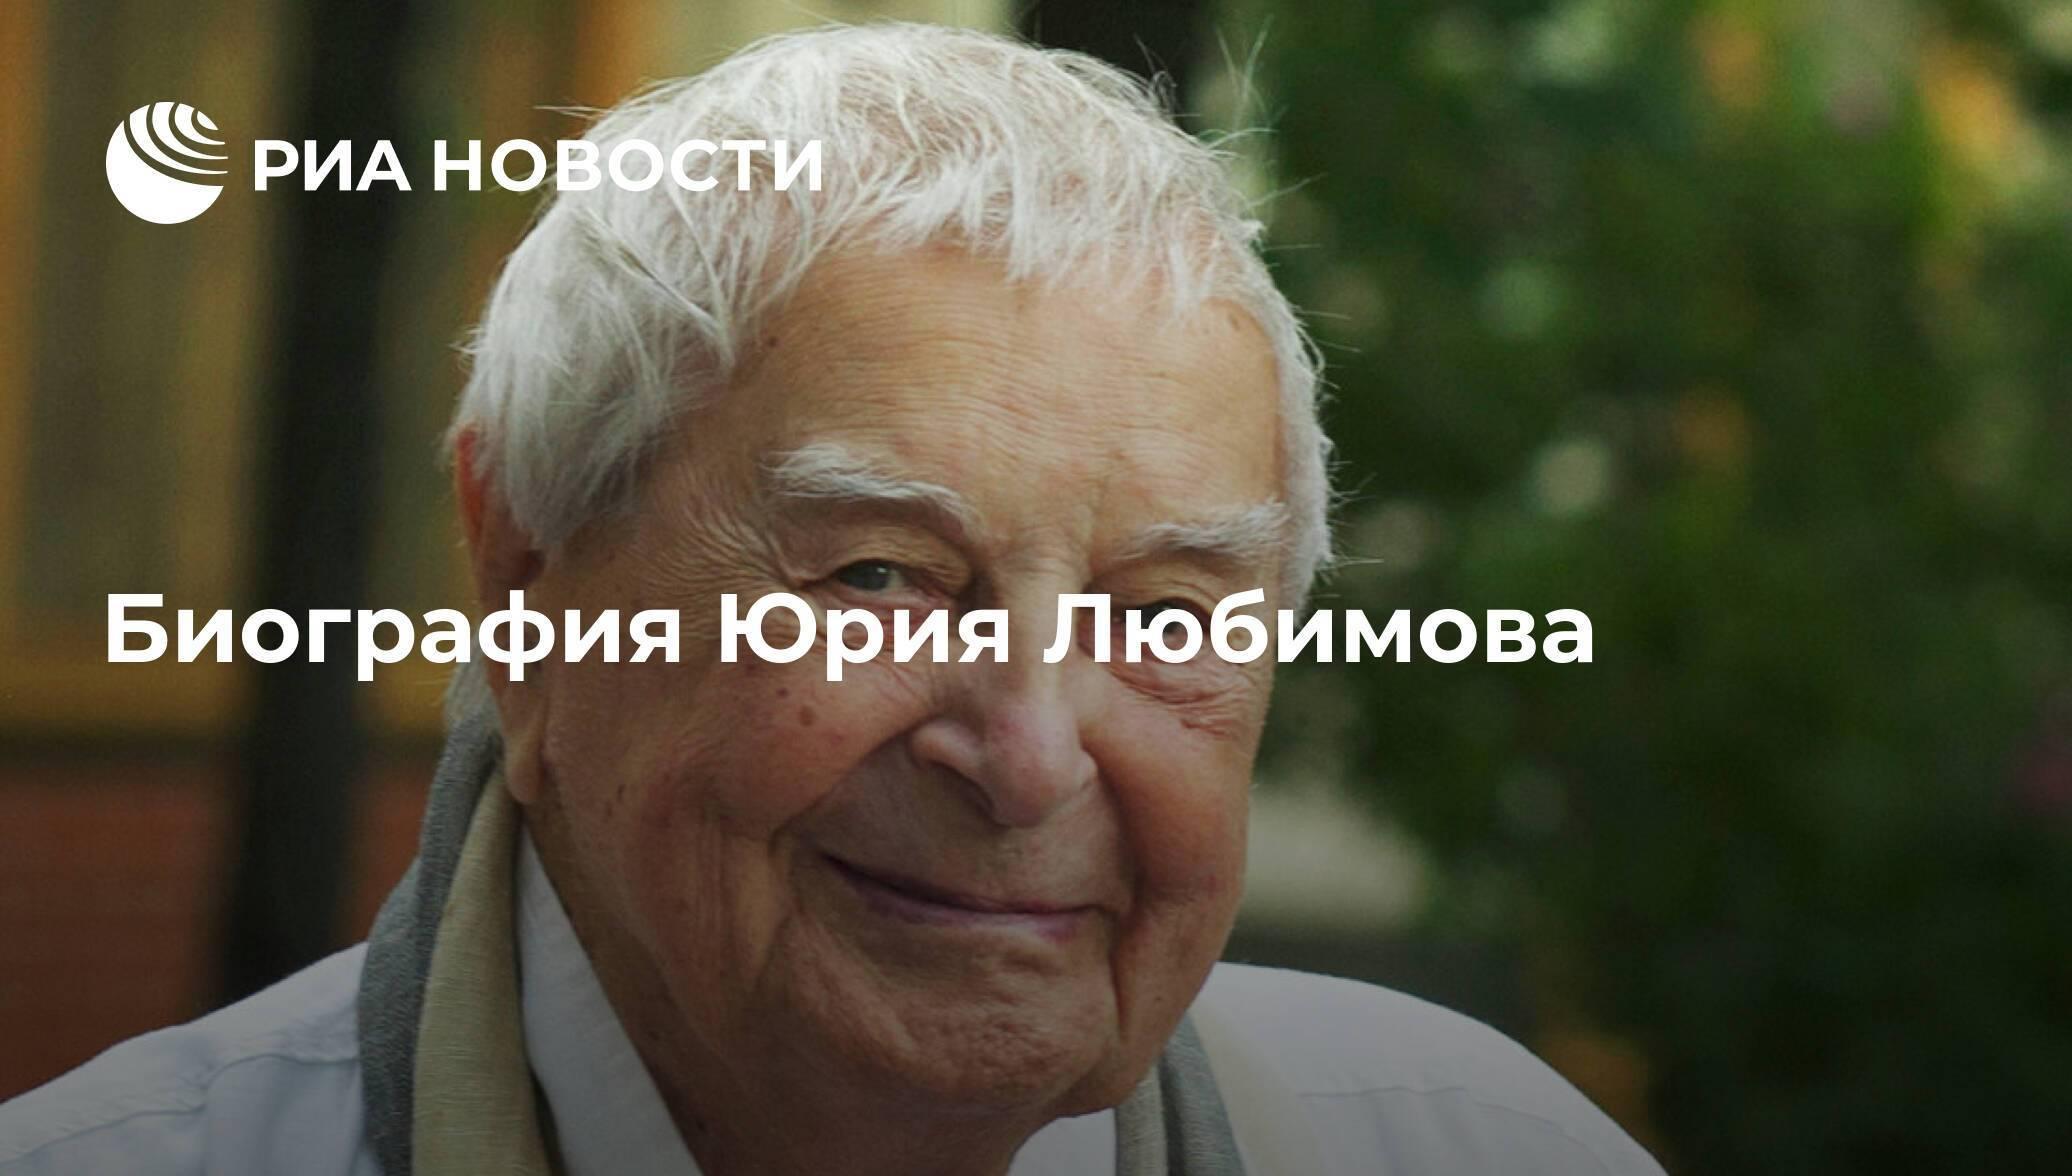 Юрий любимов: биография, личная жизнь, дети (фото)